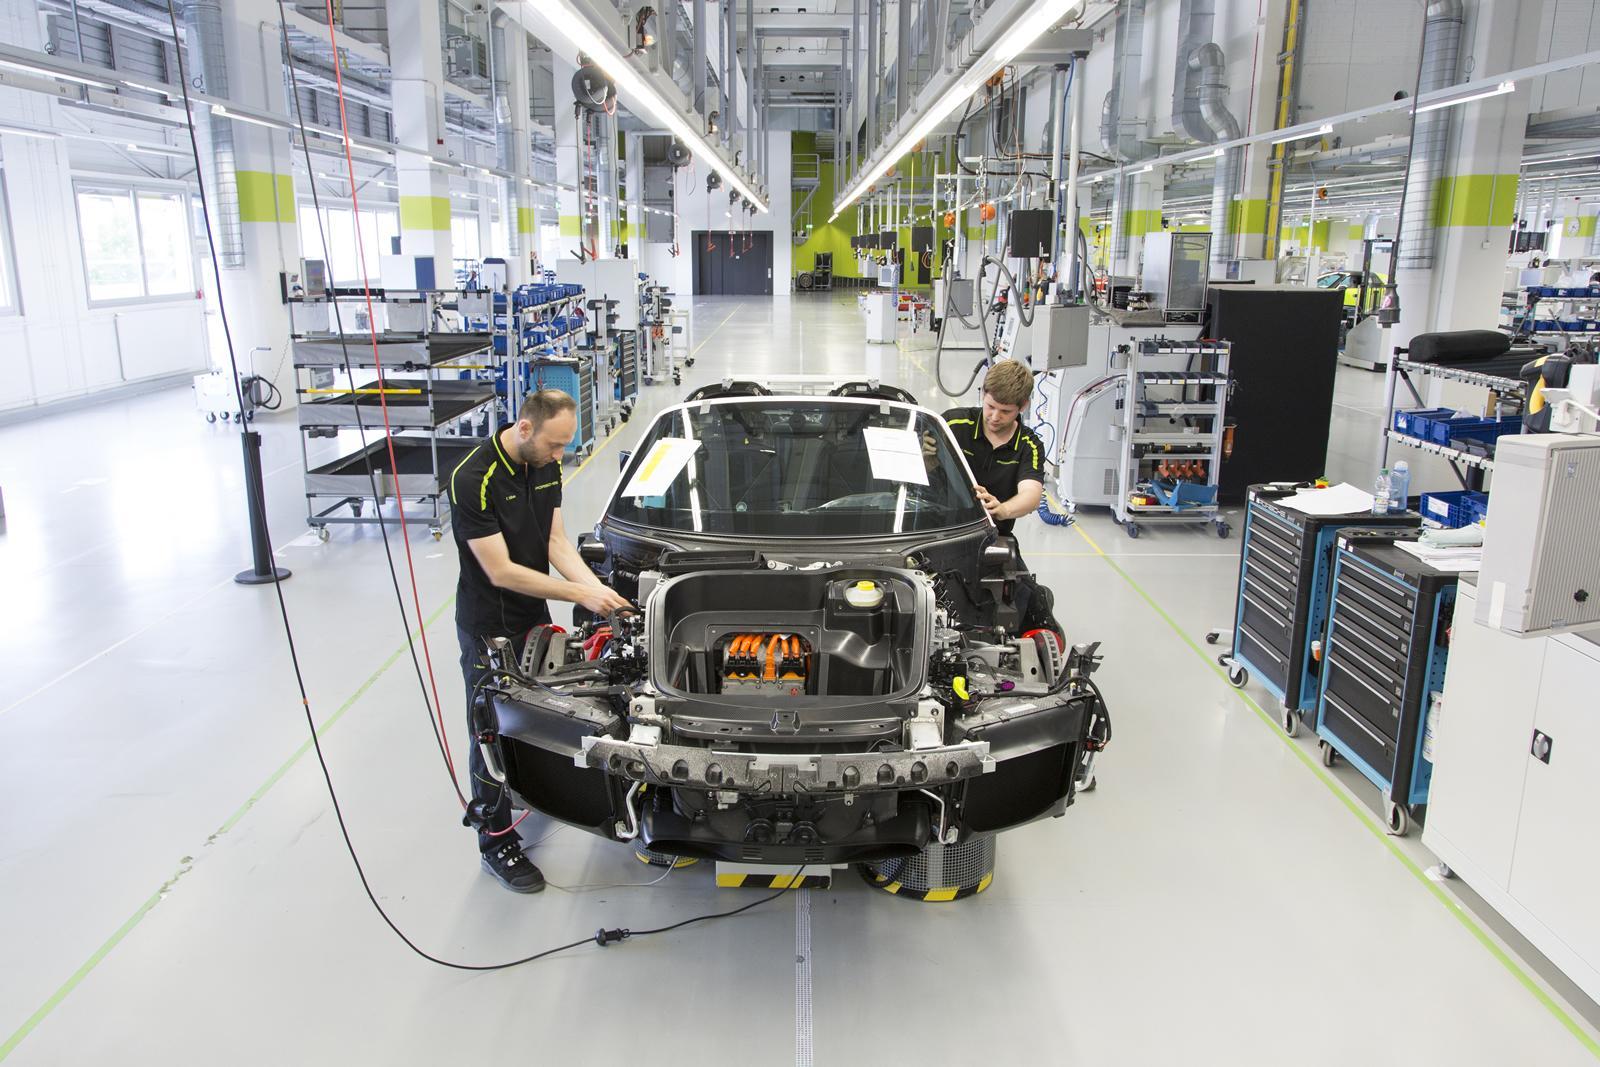 Concluye la producción del Porsche 918 Spyder tras 21 meses de producción 2